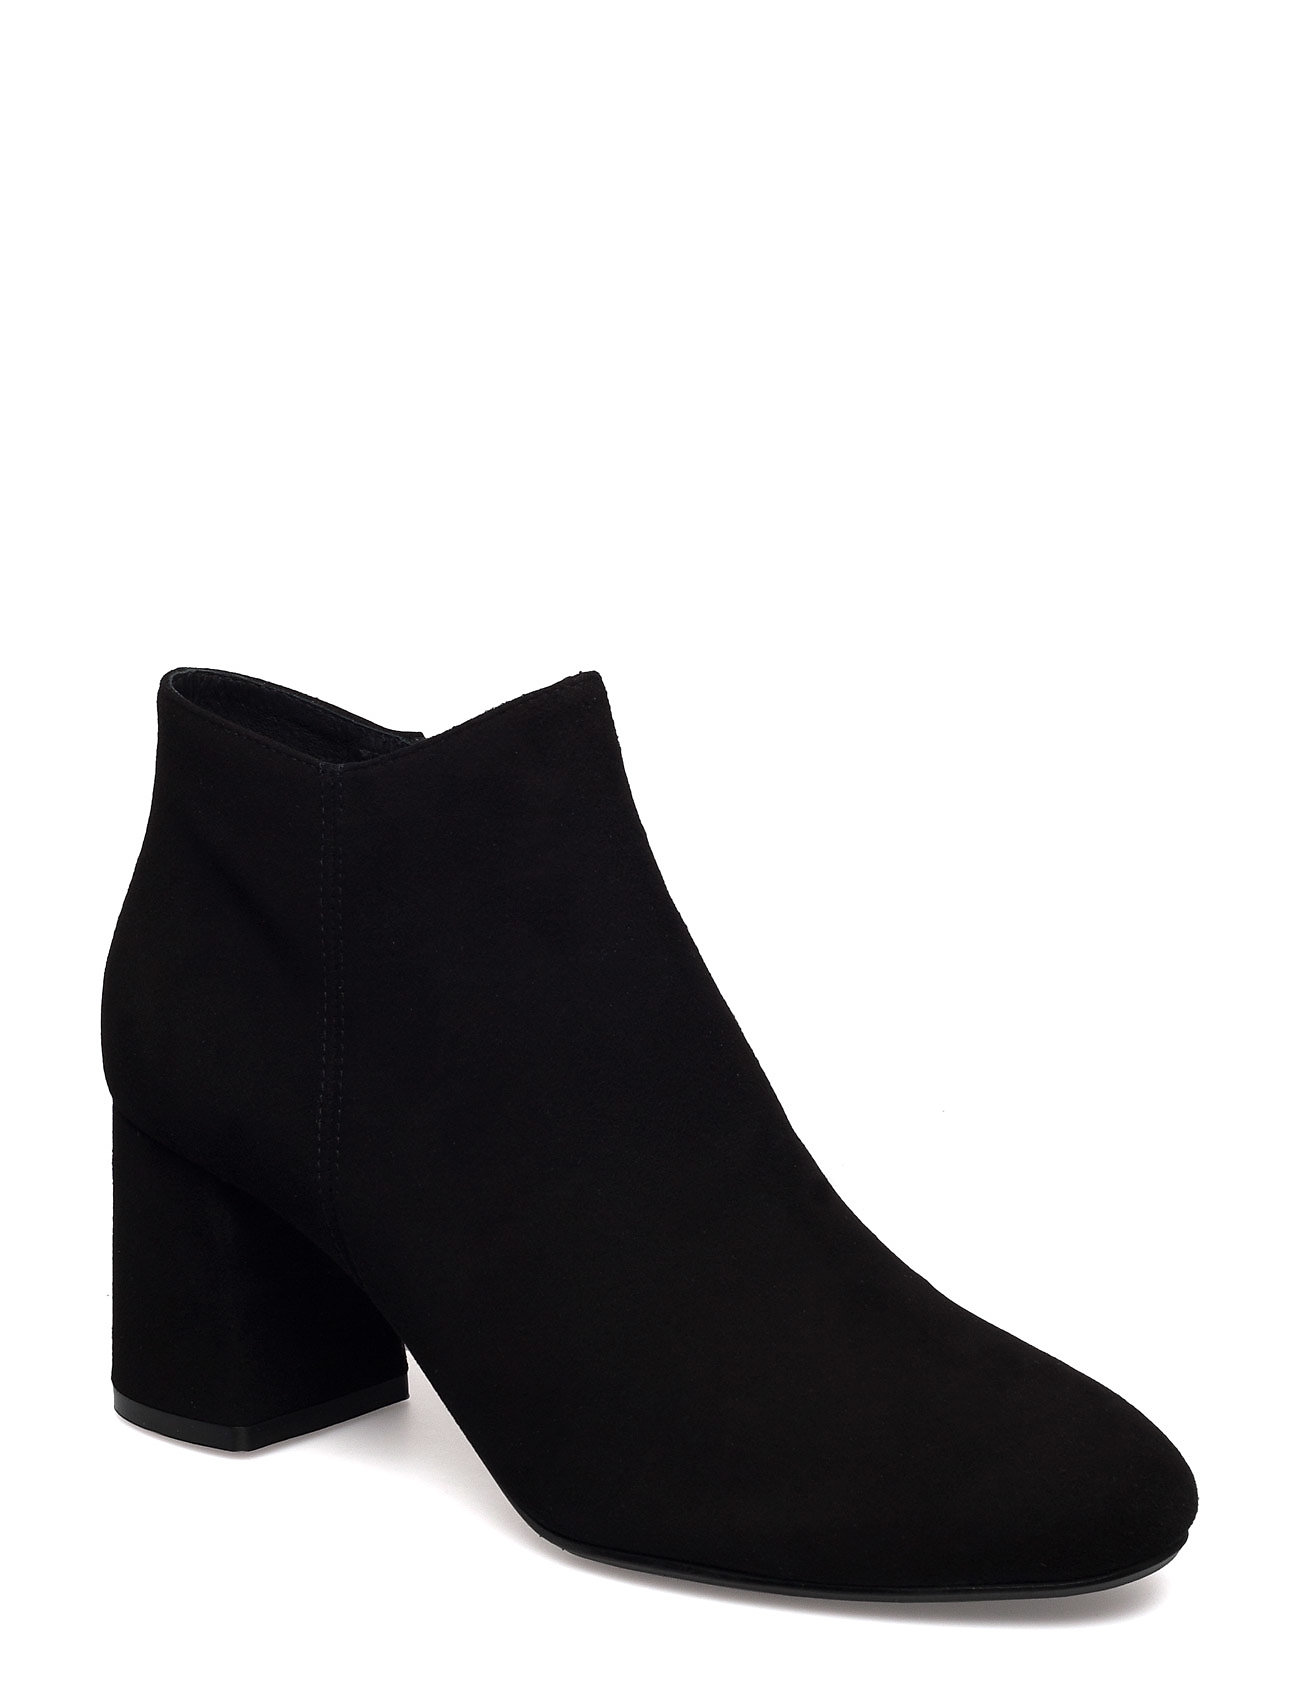 Boots Billi Bi Støvler til Damer i Black Suede 50